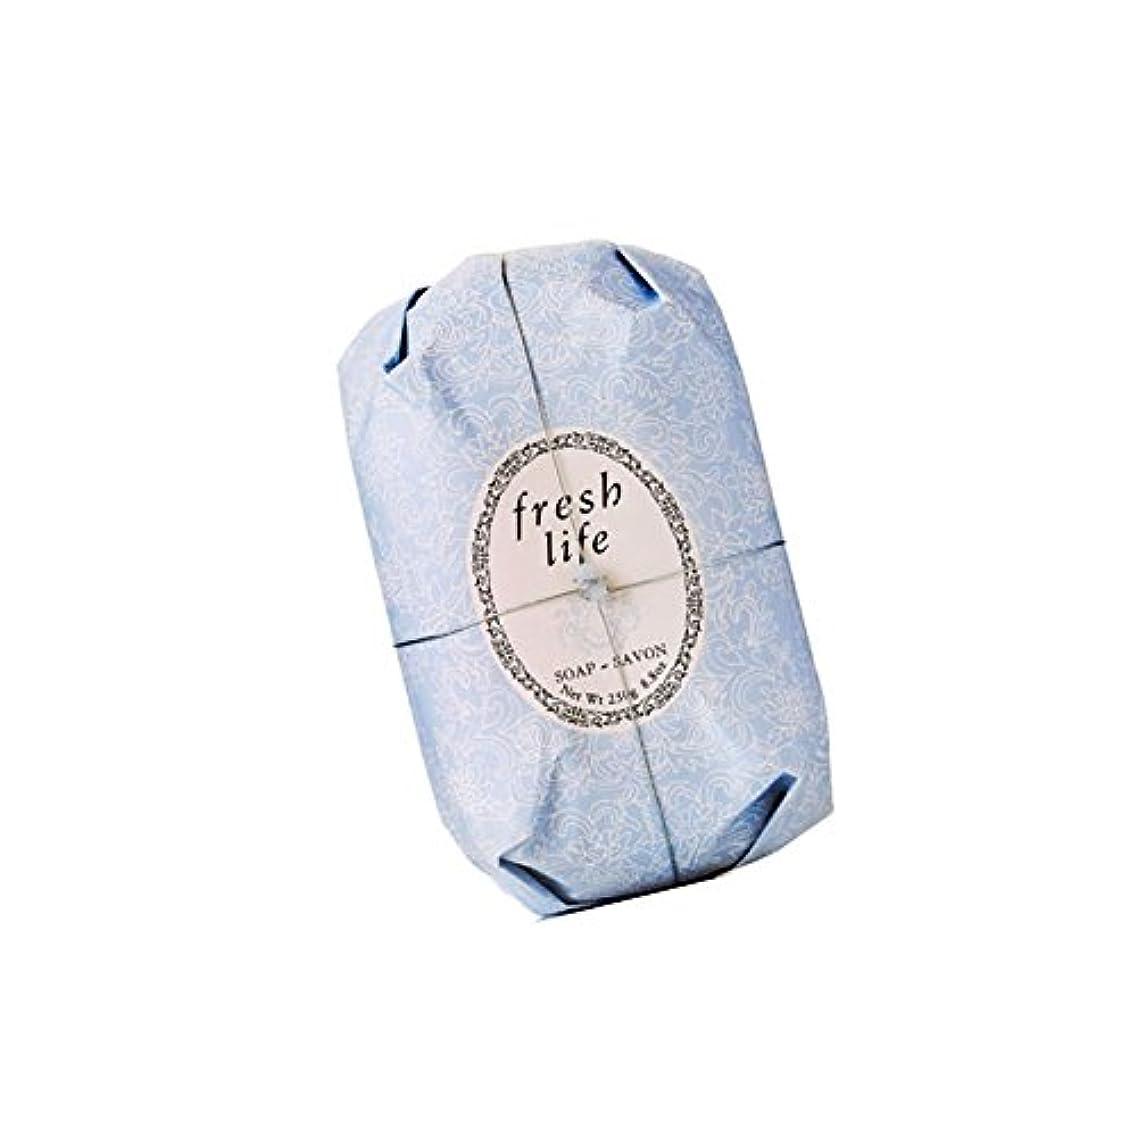 権利を与える矛盾作詞家Fresh フレッシュ Life Soap 石鹸, 250g/8.8oz. [海外直送品] [並行輸入品]